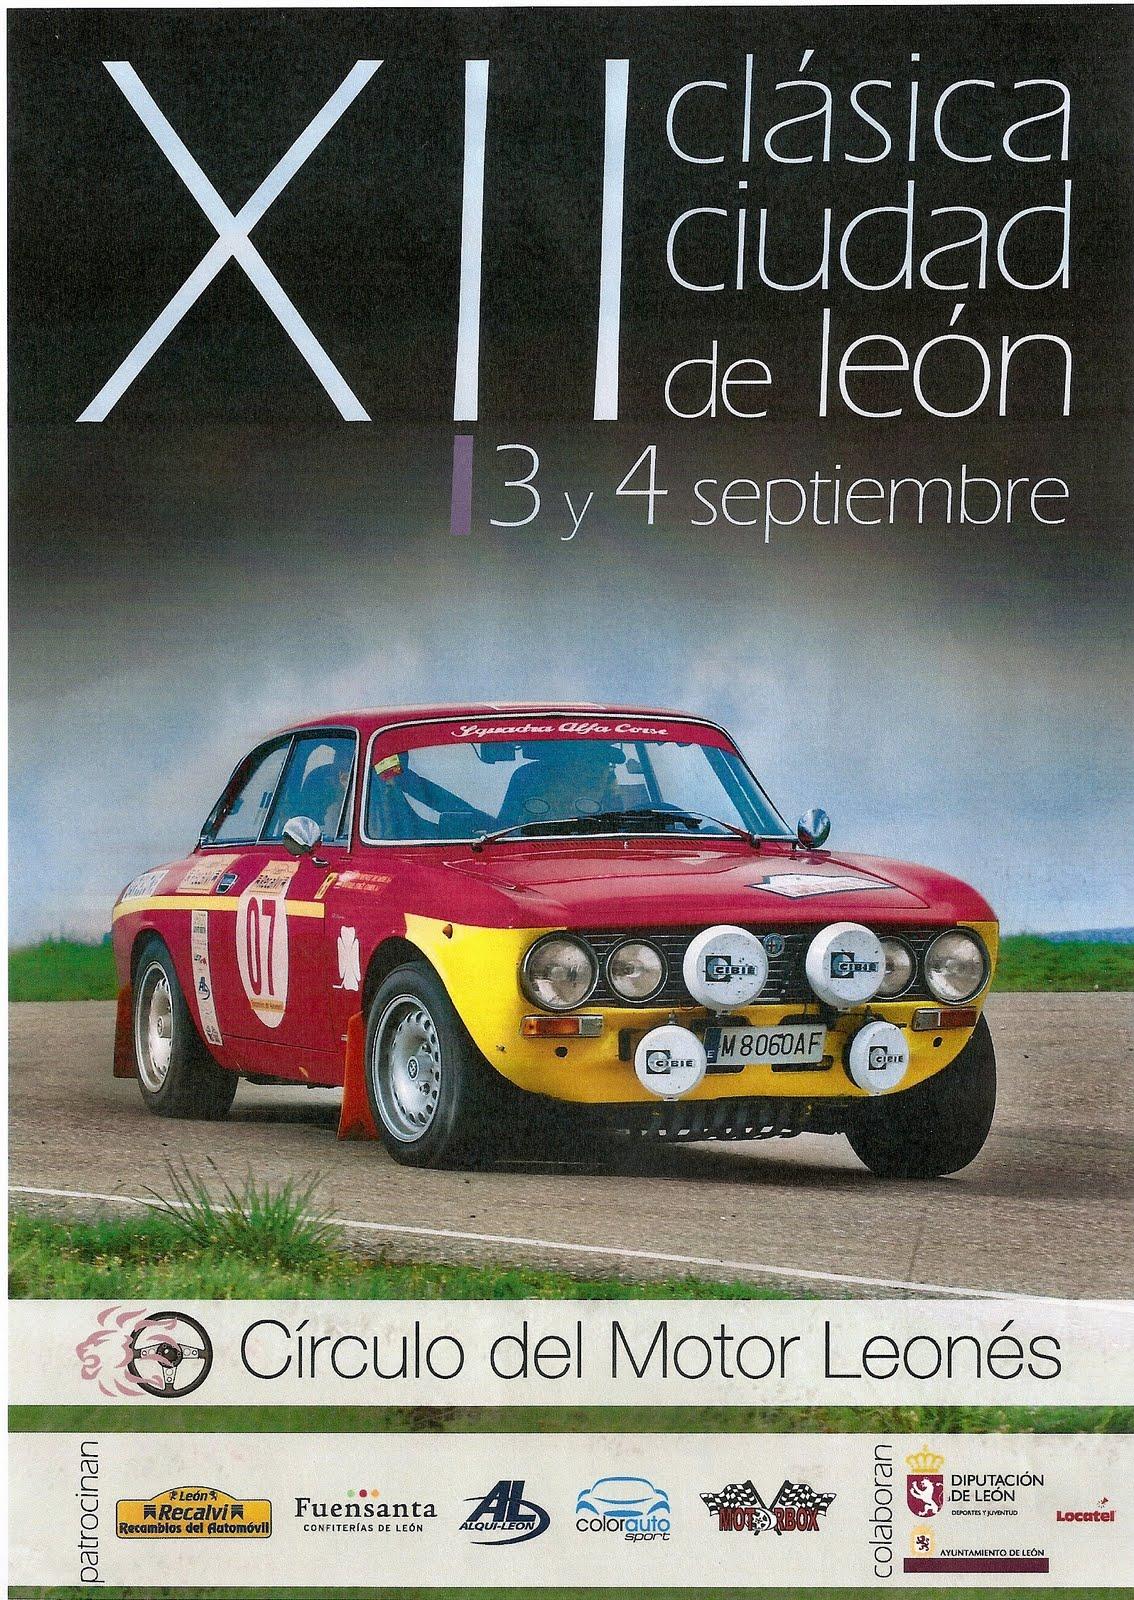 Delamo Racing Team Xii Clasica Ciudad De Leon